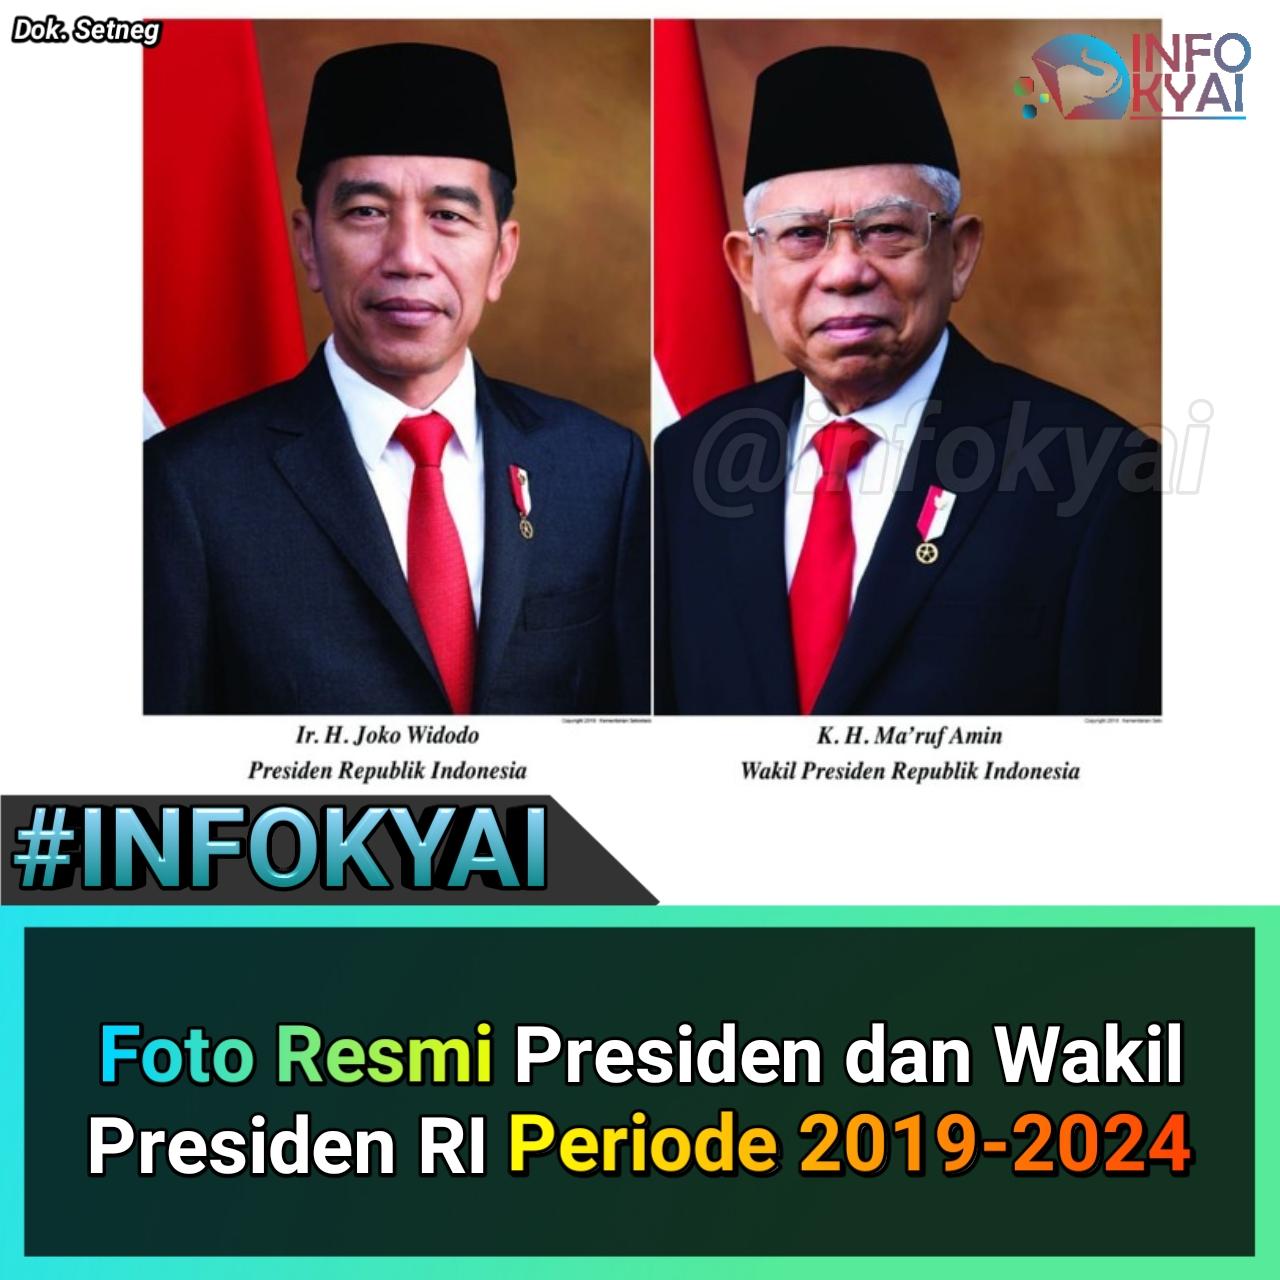 Foto Resmi Presiden Dan Wakil Presiden Ri Periode 2019 2024 Berita Viral Hari Ini Lowongan Kerja Hari Ini